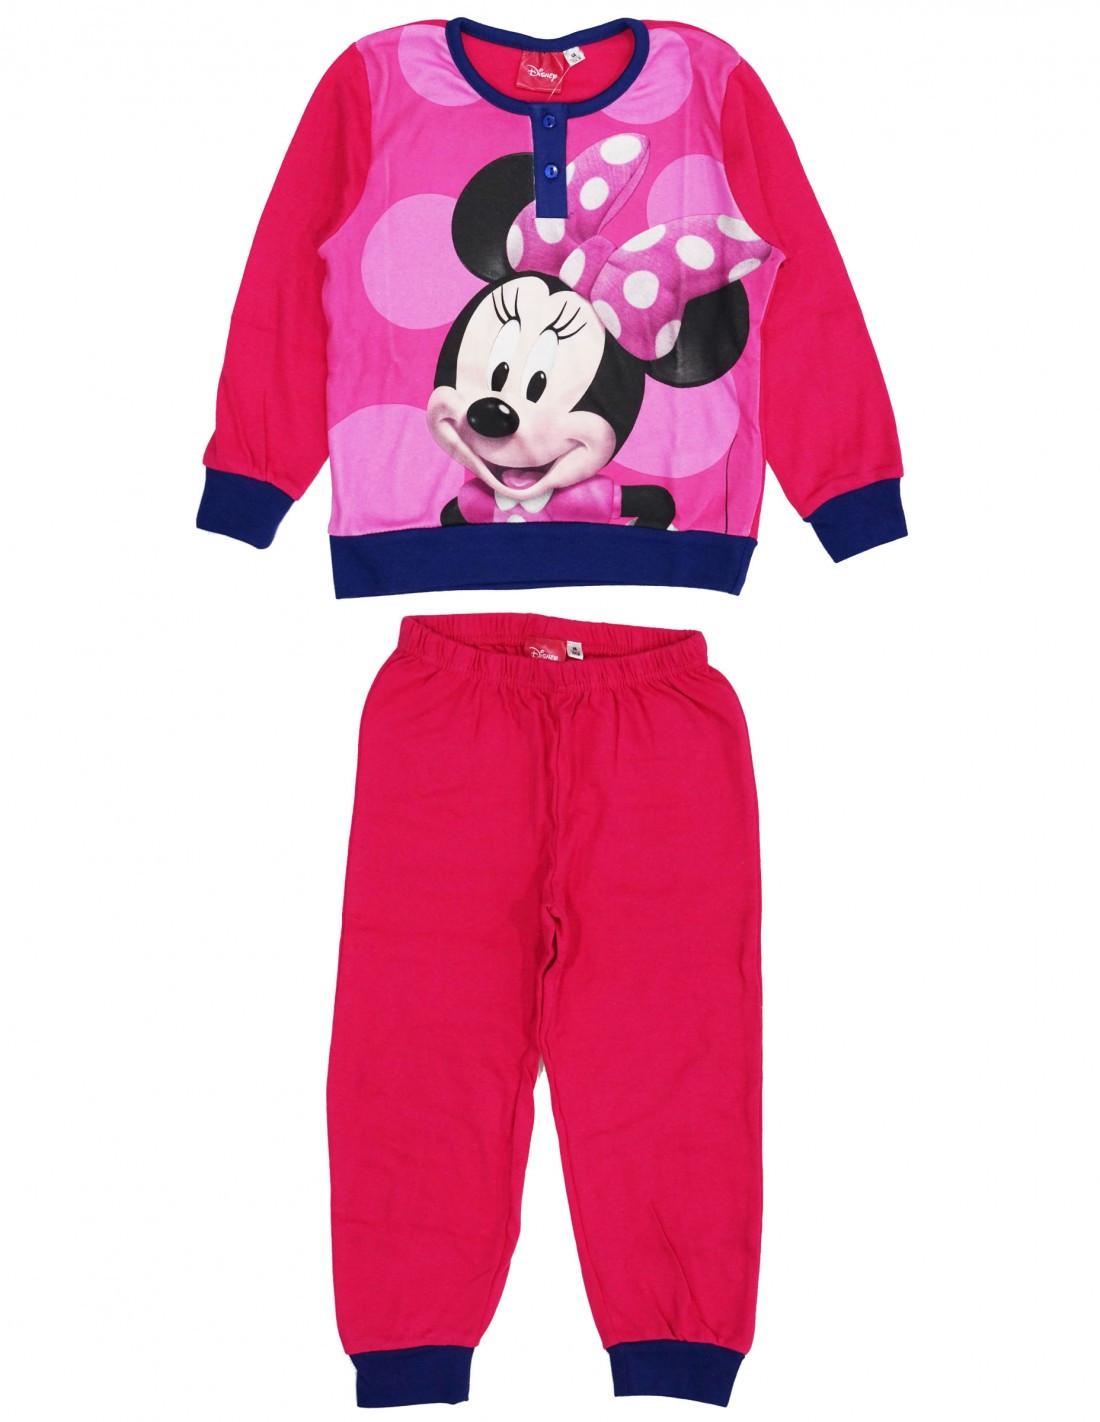 Pigiama Disney Minnie - Magenta 4 Anni